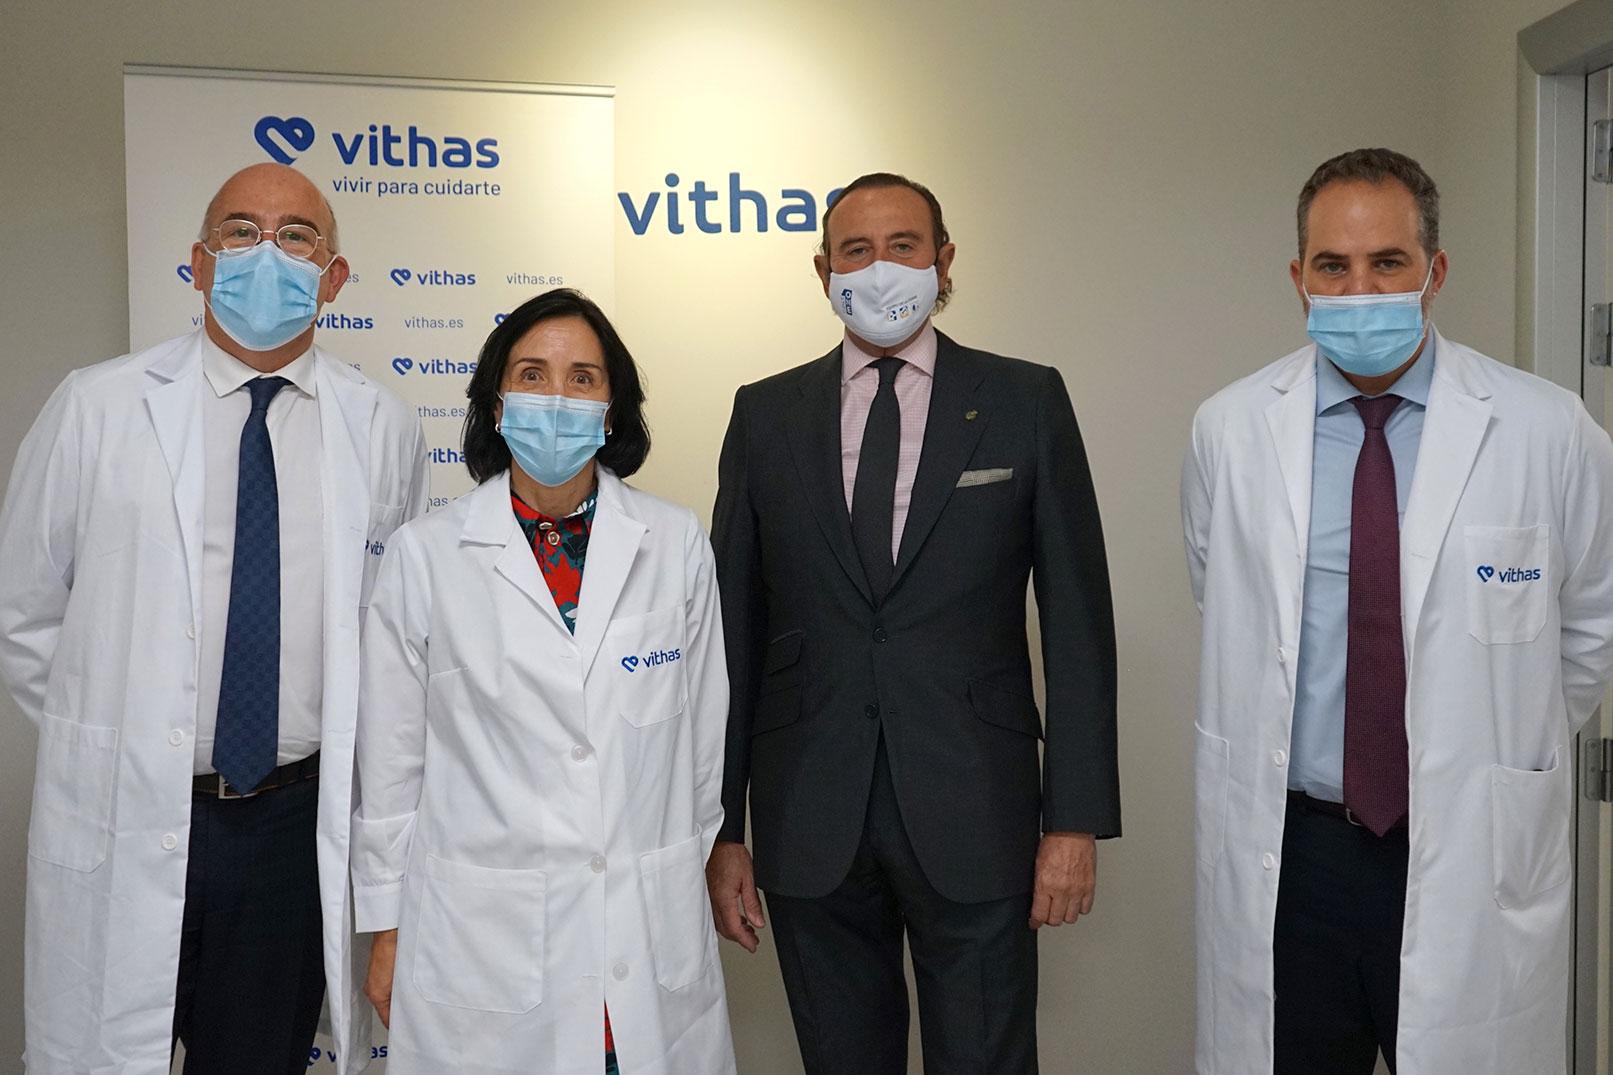 De izquierda a derecha: El Dr. José Gómez, gerente del hospital Vithas Madrid Aravaca, la Dra. María Codesido, directora médica de Vithas Internacional, el Dr. Manuel J. De la Torre, jefe de la nueva Unidad de Neurocirugía de Vithas Madrid y el Dr. Francisco Malagón, gerente del hospital Vithas Madrid La Milagrosa